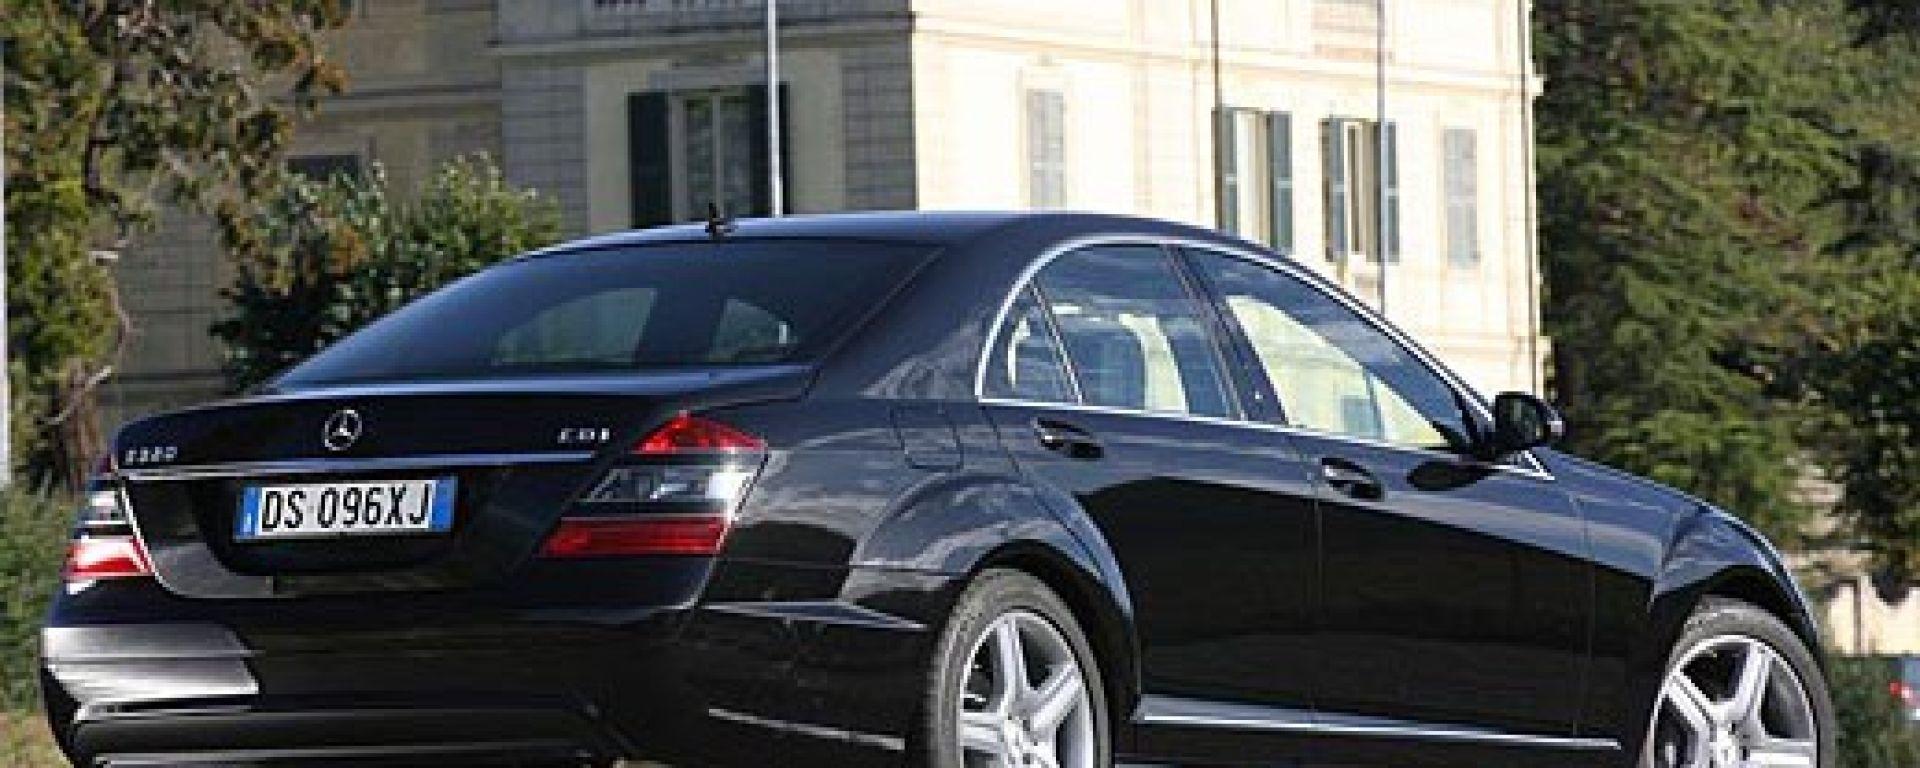 Mercedes Classe S Carl Benz